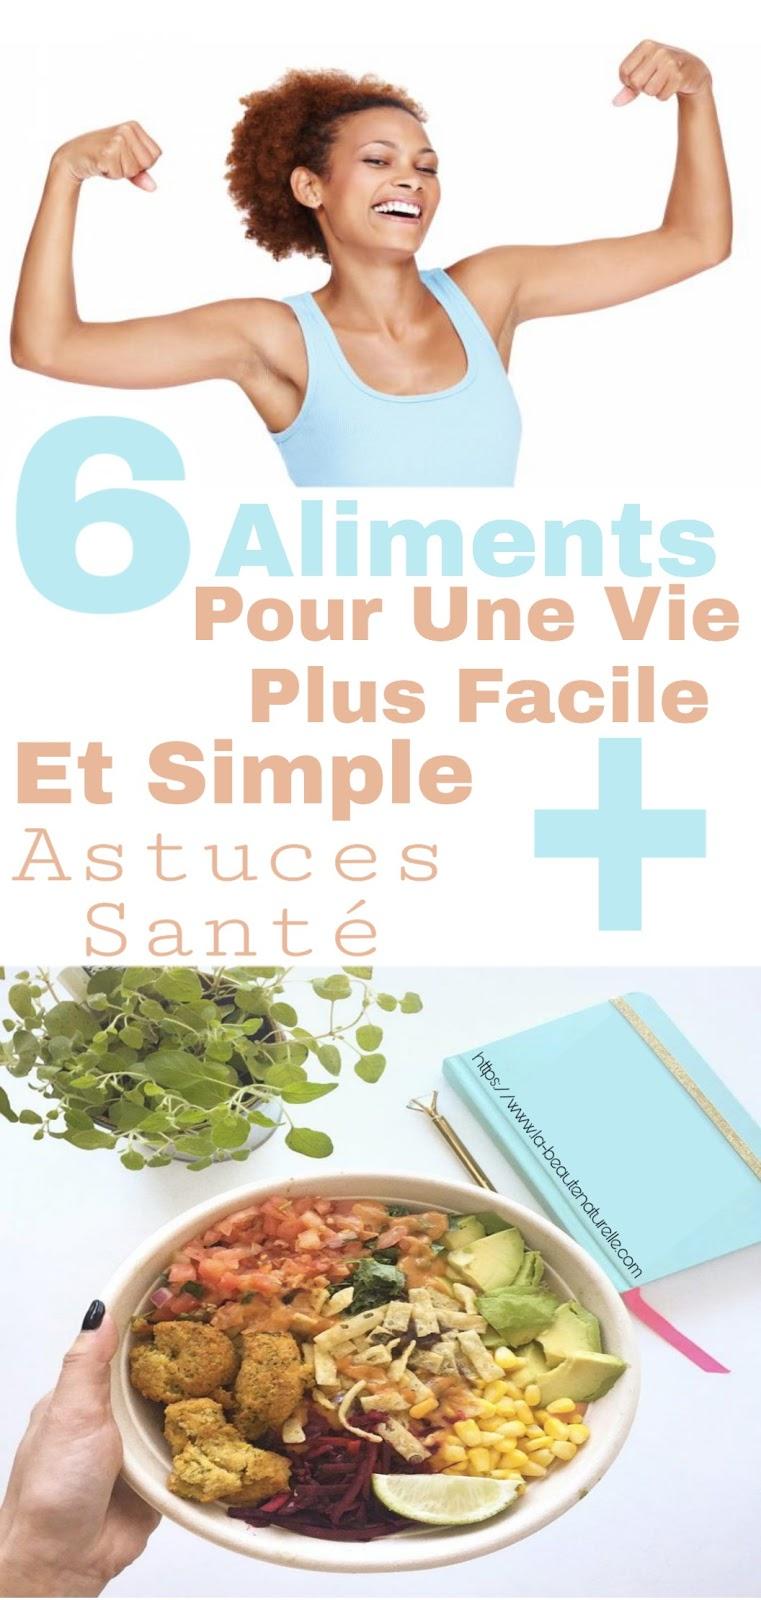 6 Aliments Pour Une Vie Plus Facile Et Simple + Astuces Santé